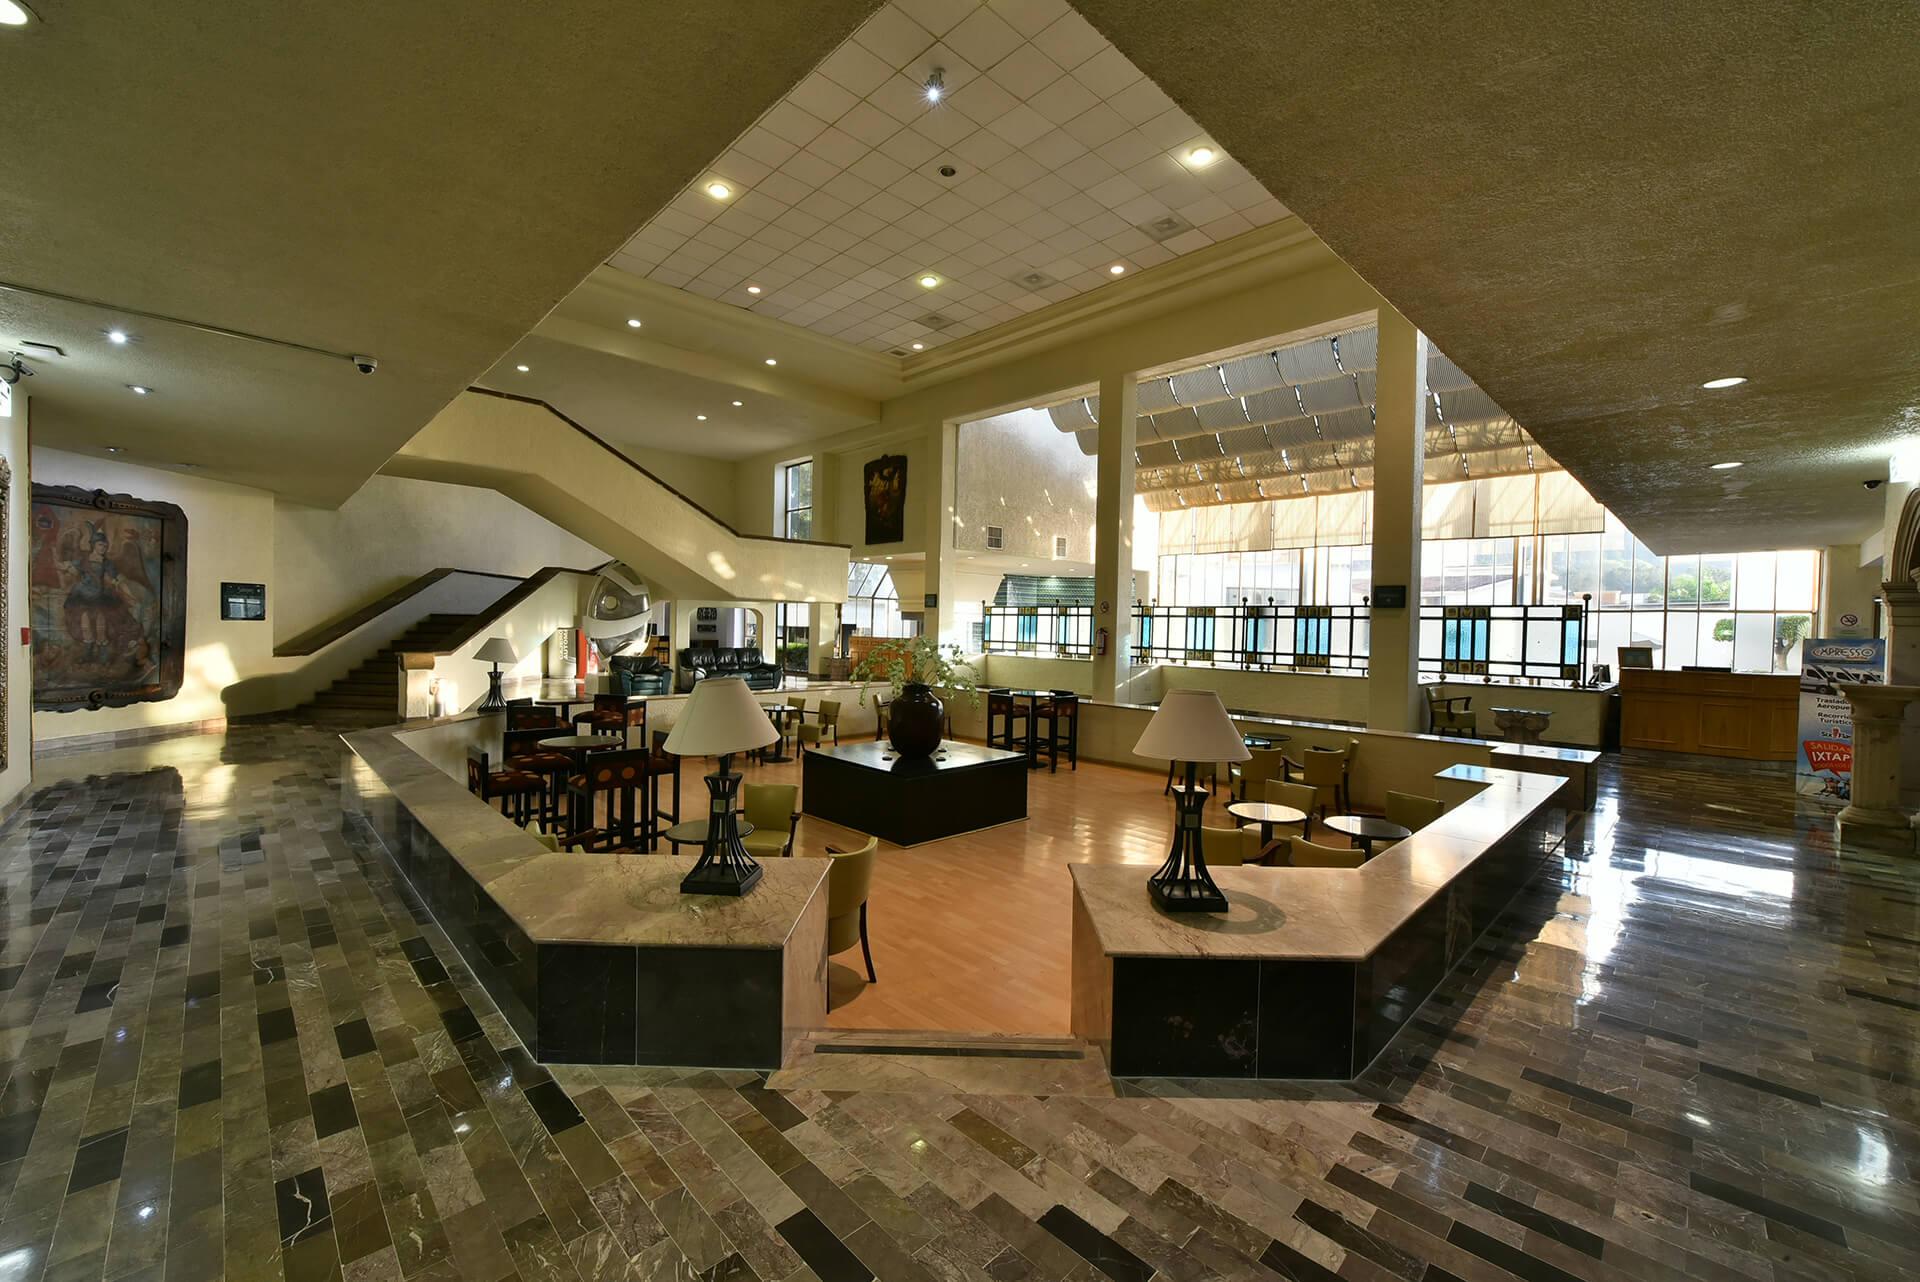 Holiday Inn Morelia - Imagen 1